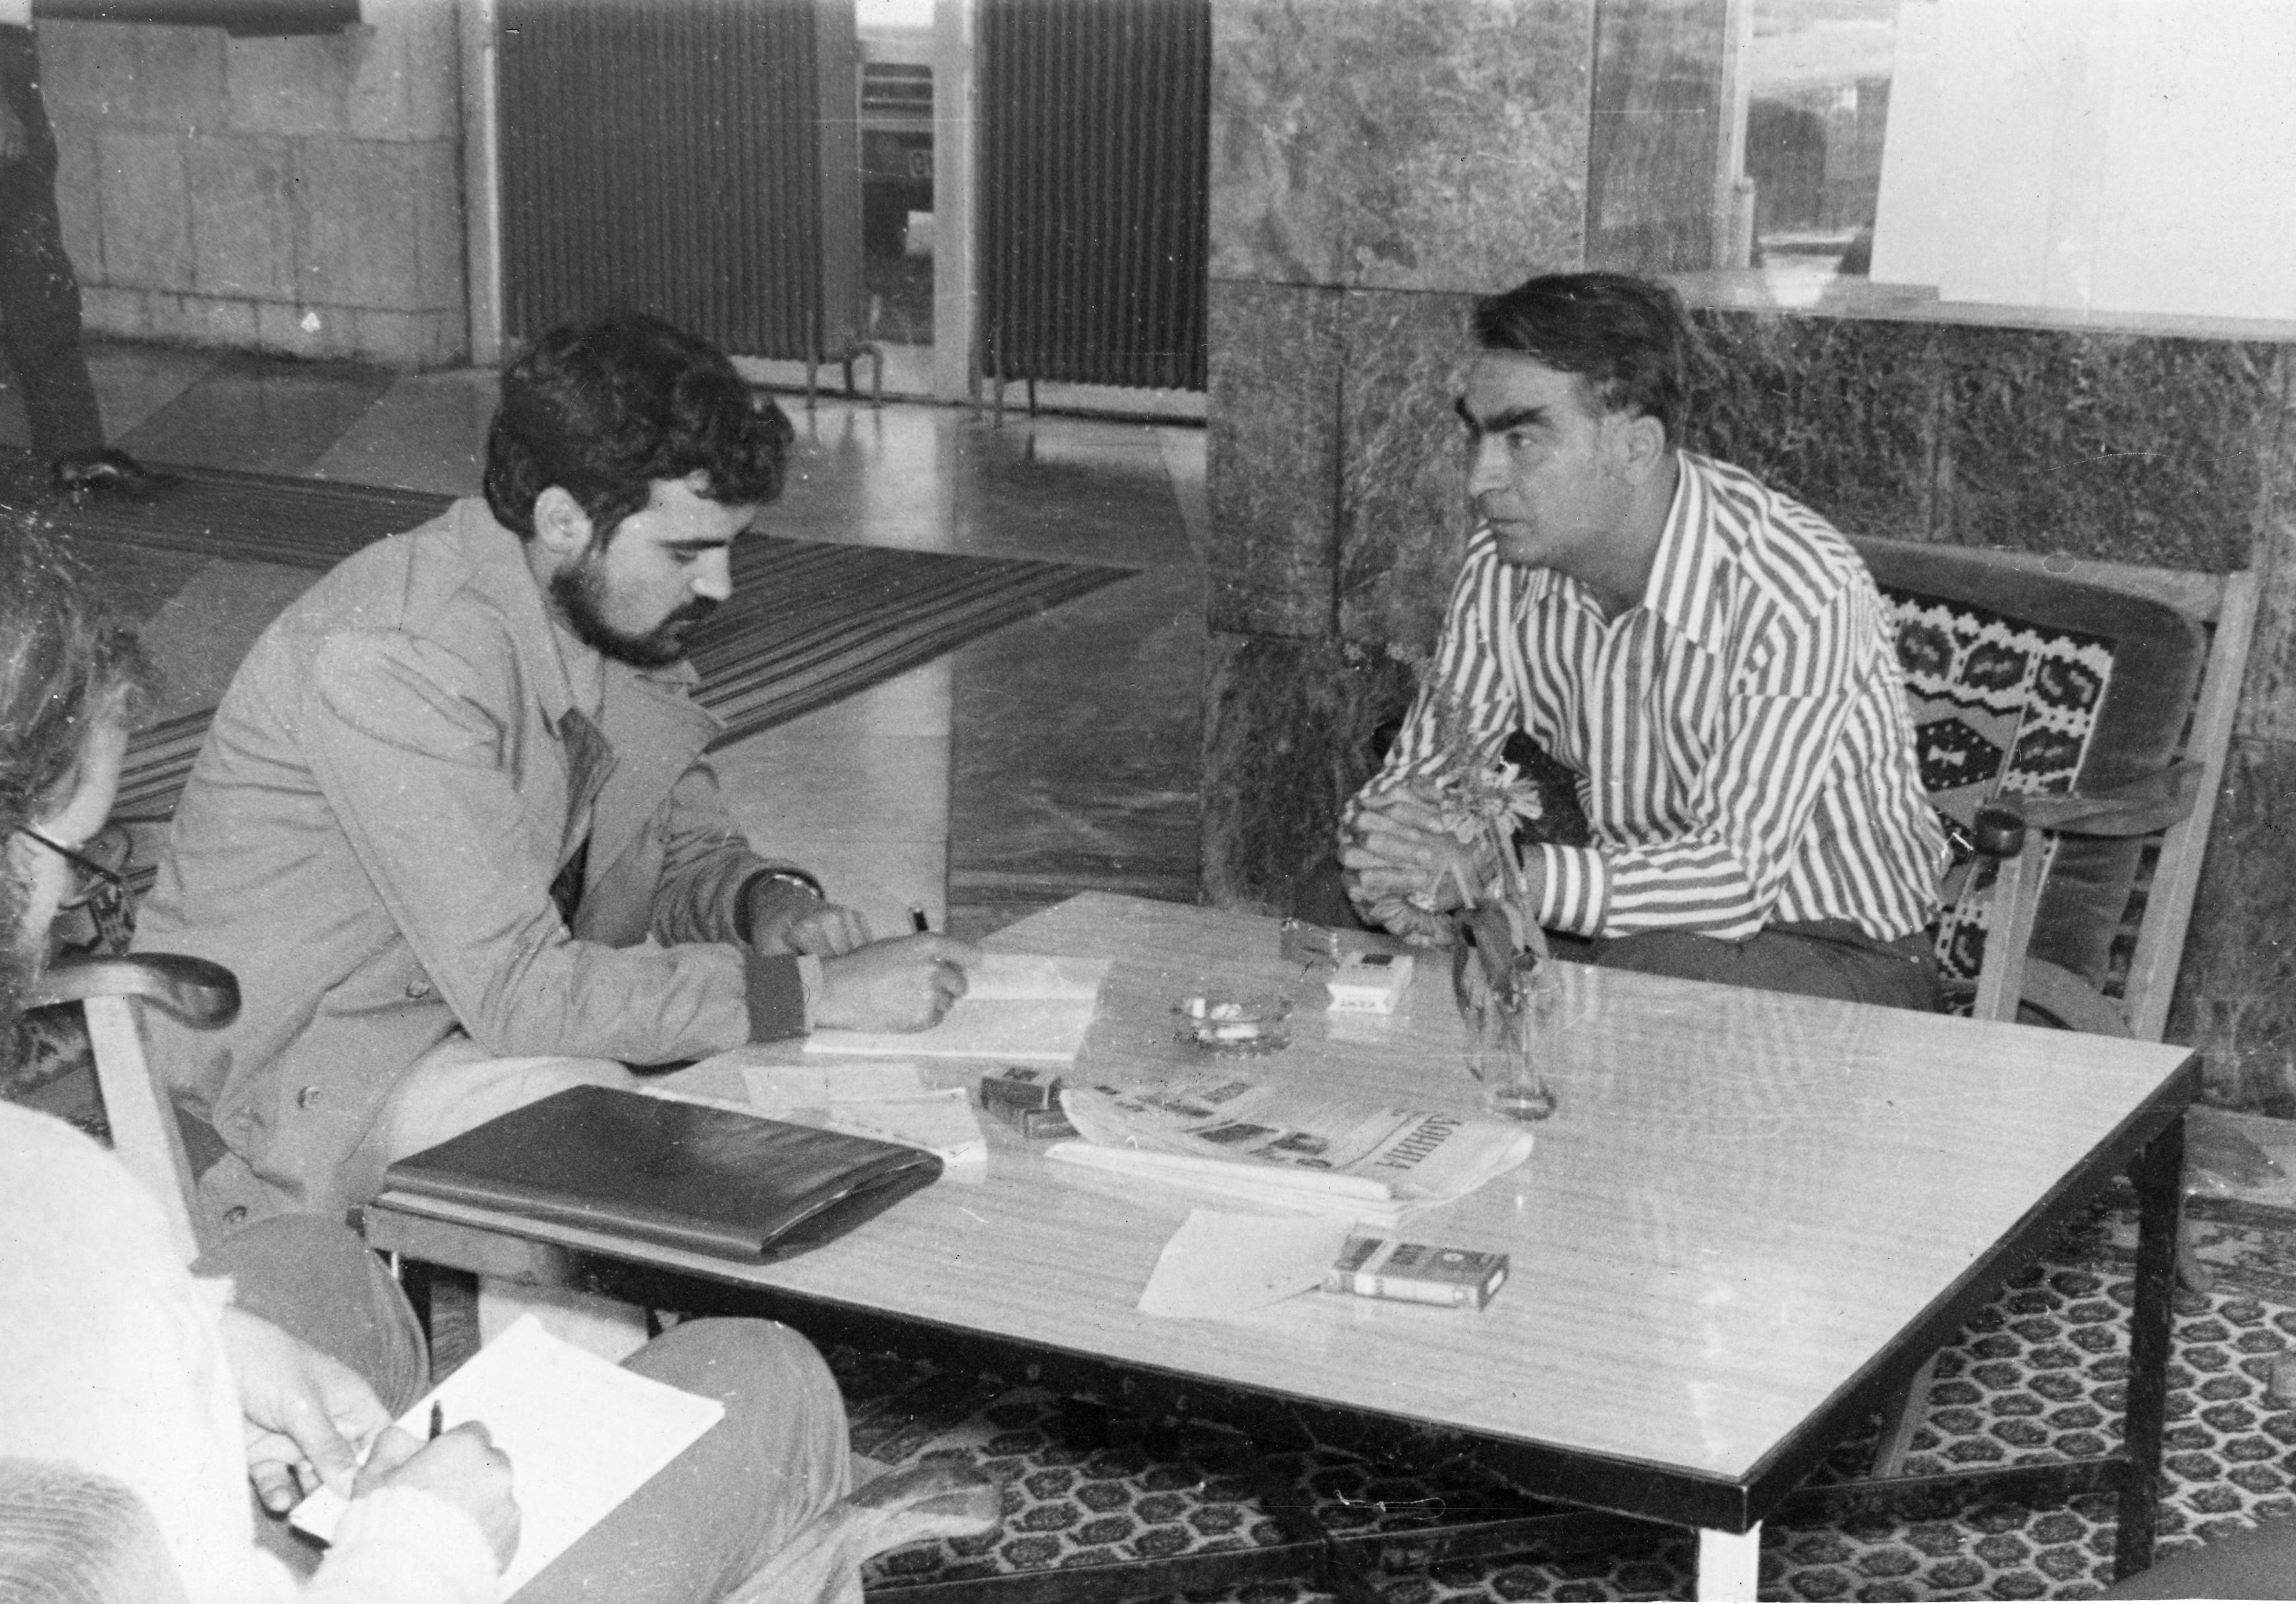 Risto Lazarov et Aco Šopov, le 12.11.1974